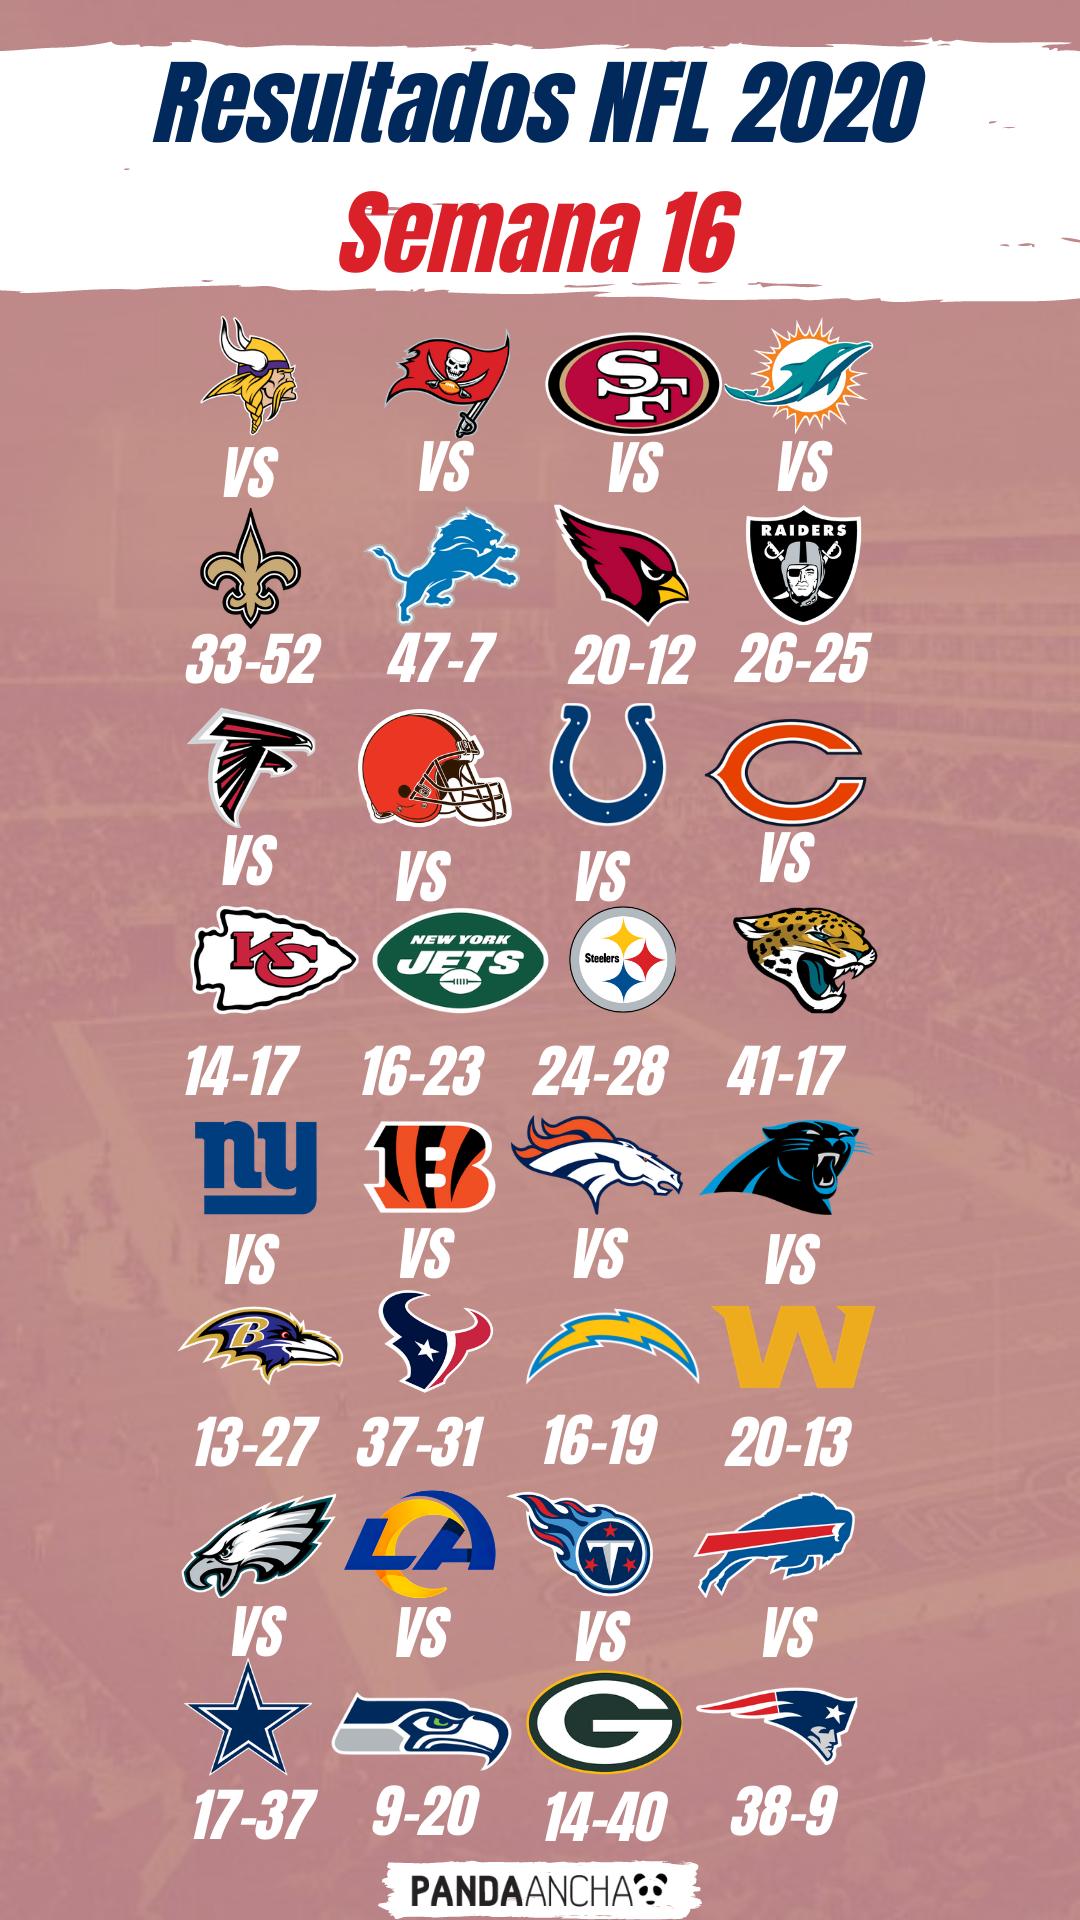 Resultados de la Semana 16 de la Temporada NFL 2020